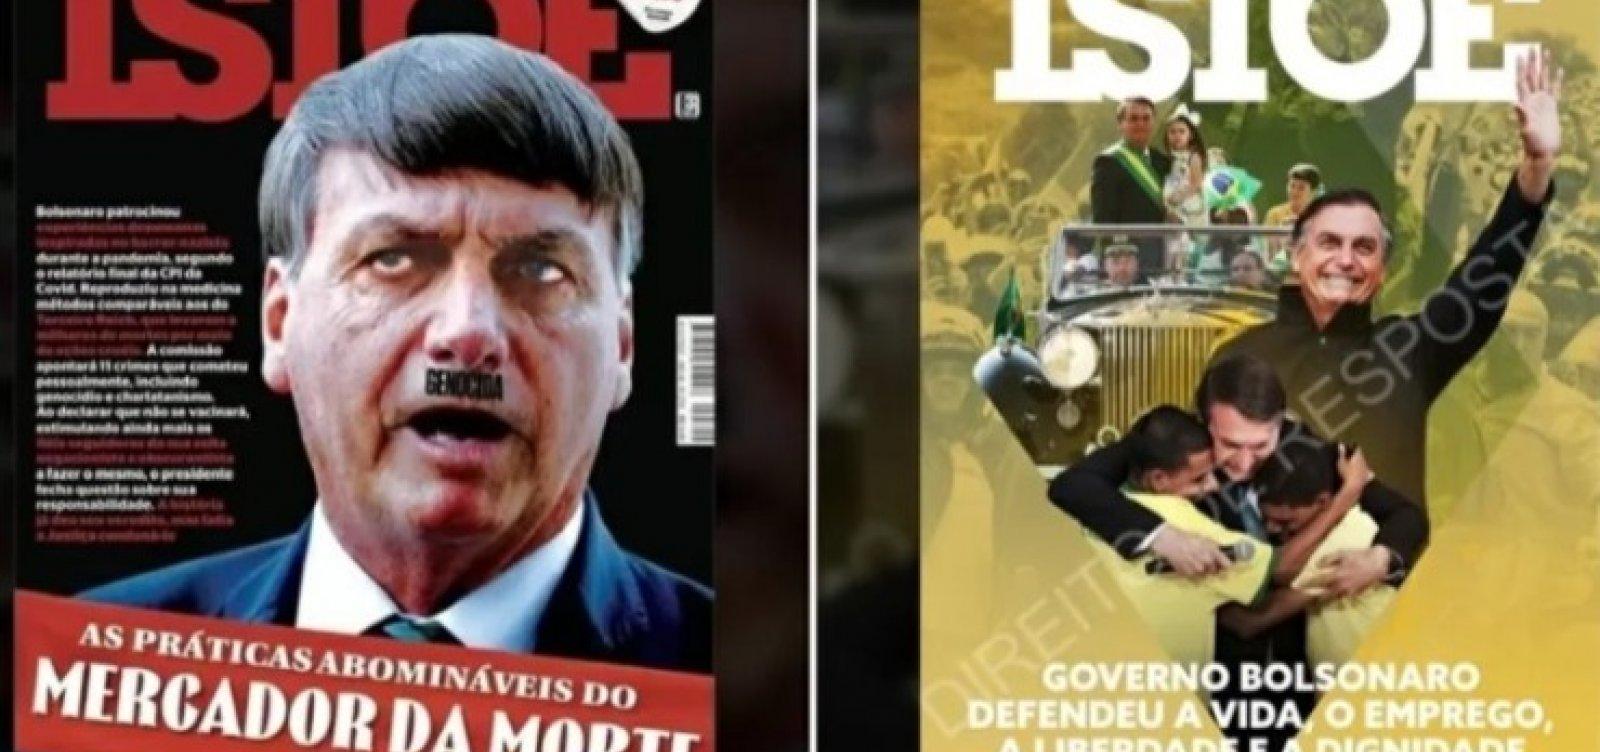 AGU sugere capa verde e amarela para revista IstoÉ em pedido de retratação a Bolsonaro